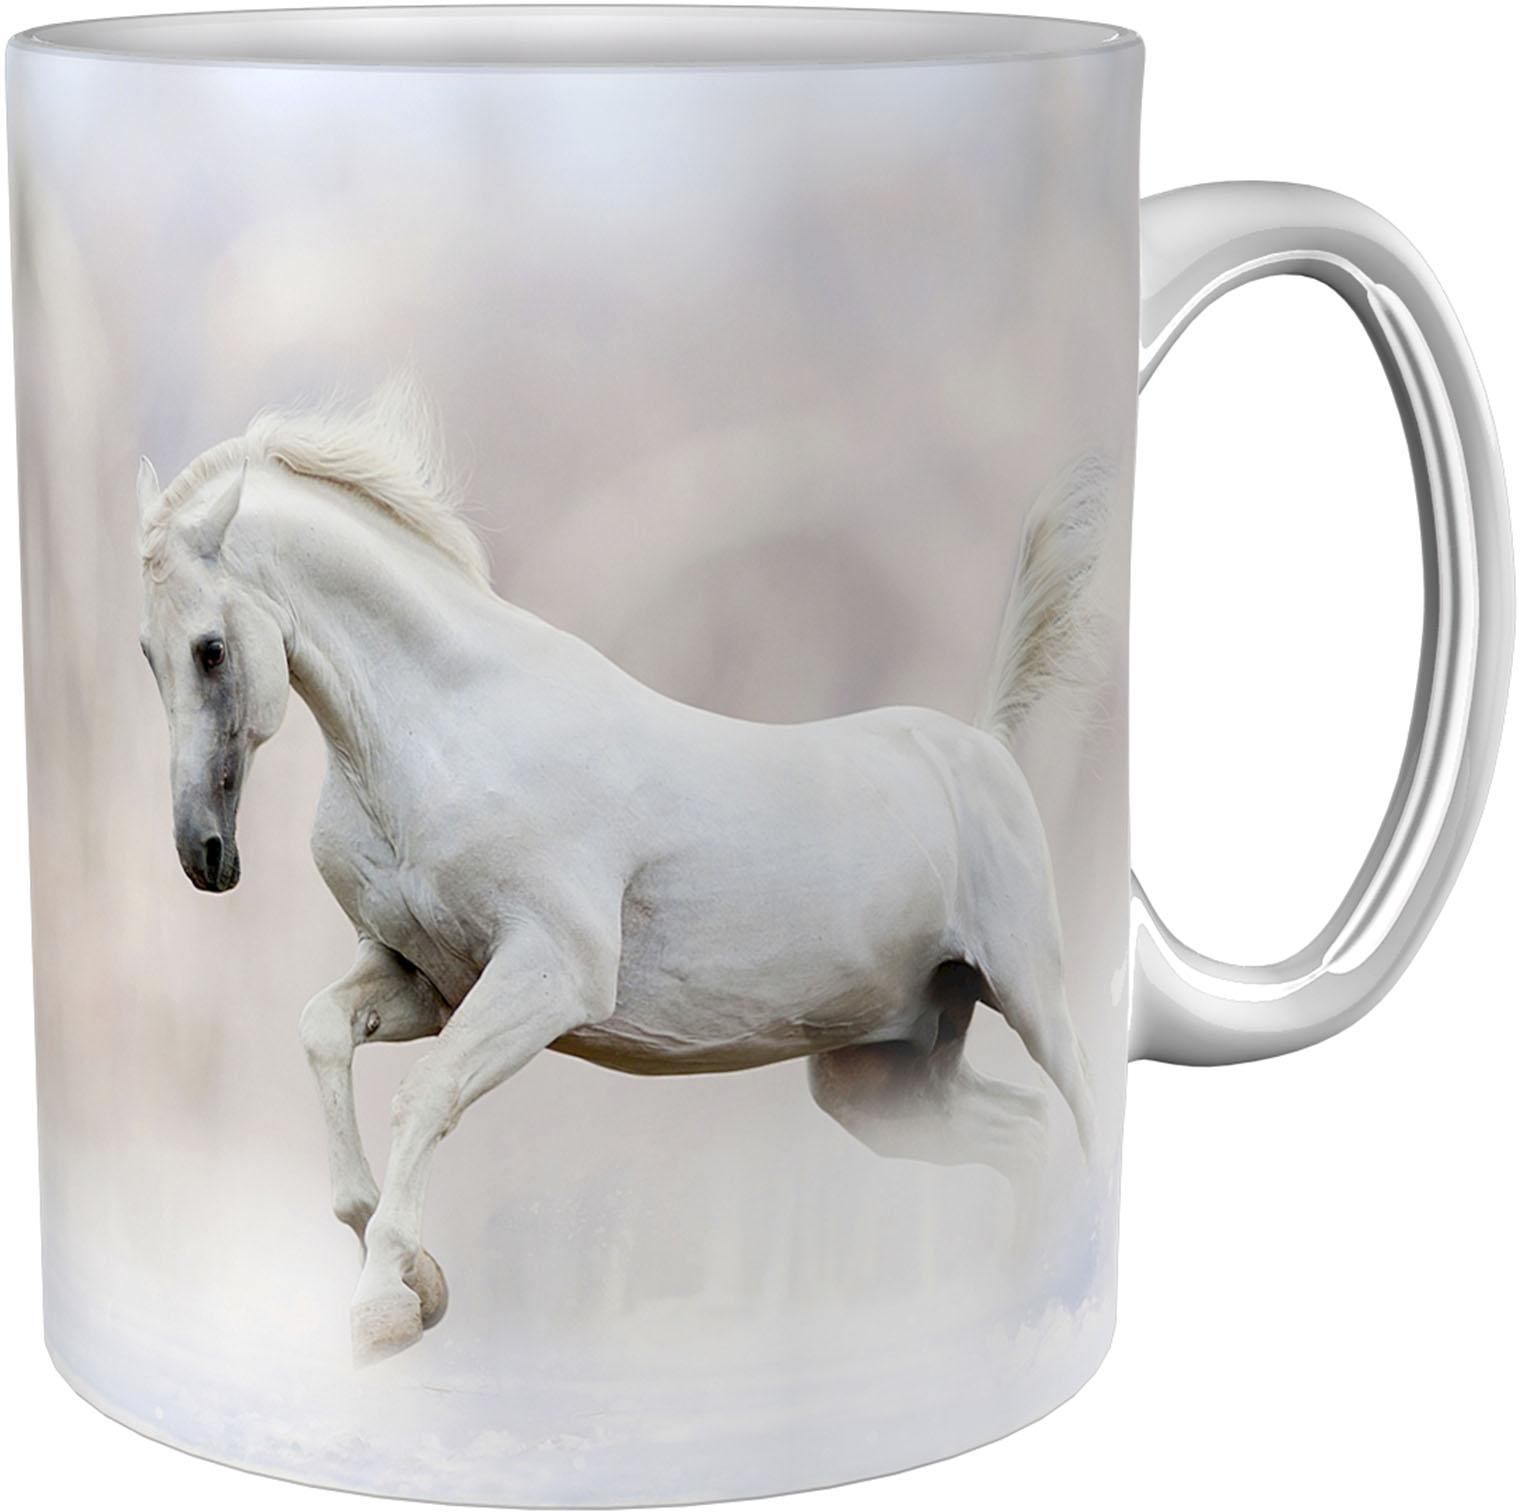 Kaffeetasse / Kaffeebecher / Pferd / Geschenktasse